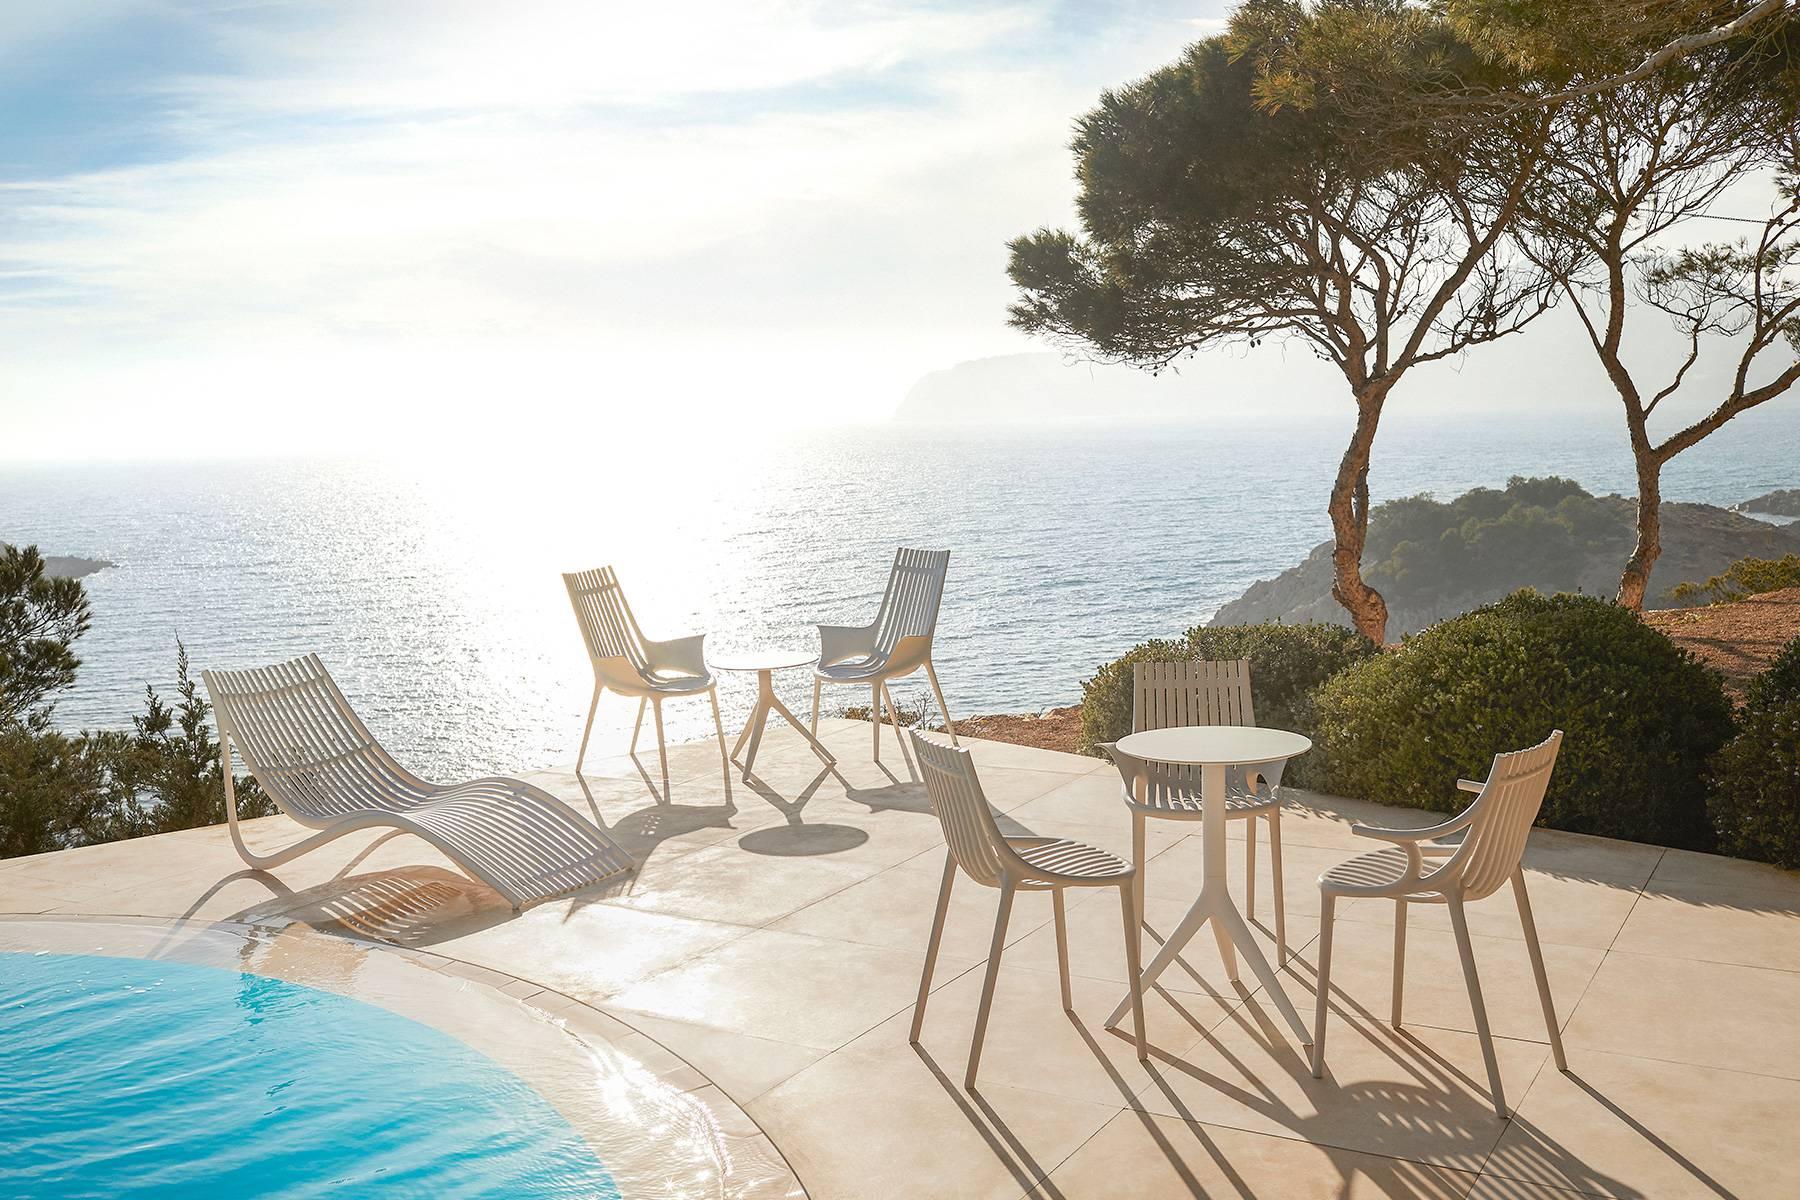 Udobni stolci i fotelje izrađeni od recikliranih mreža iz oceana